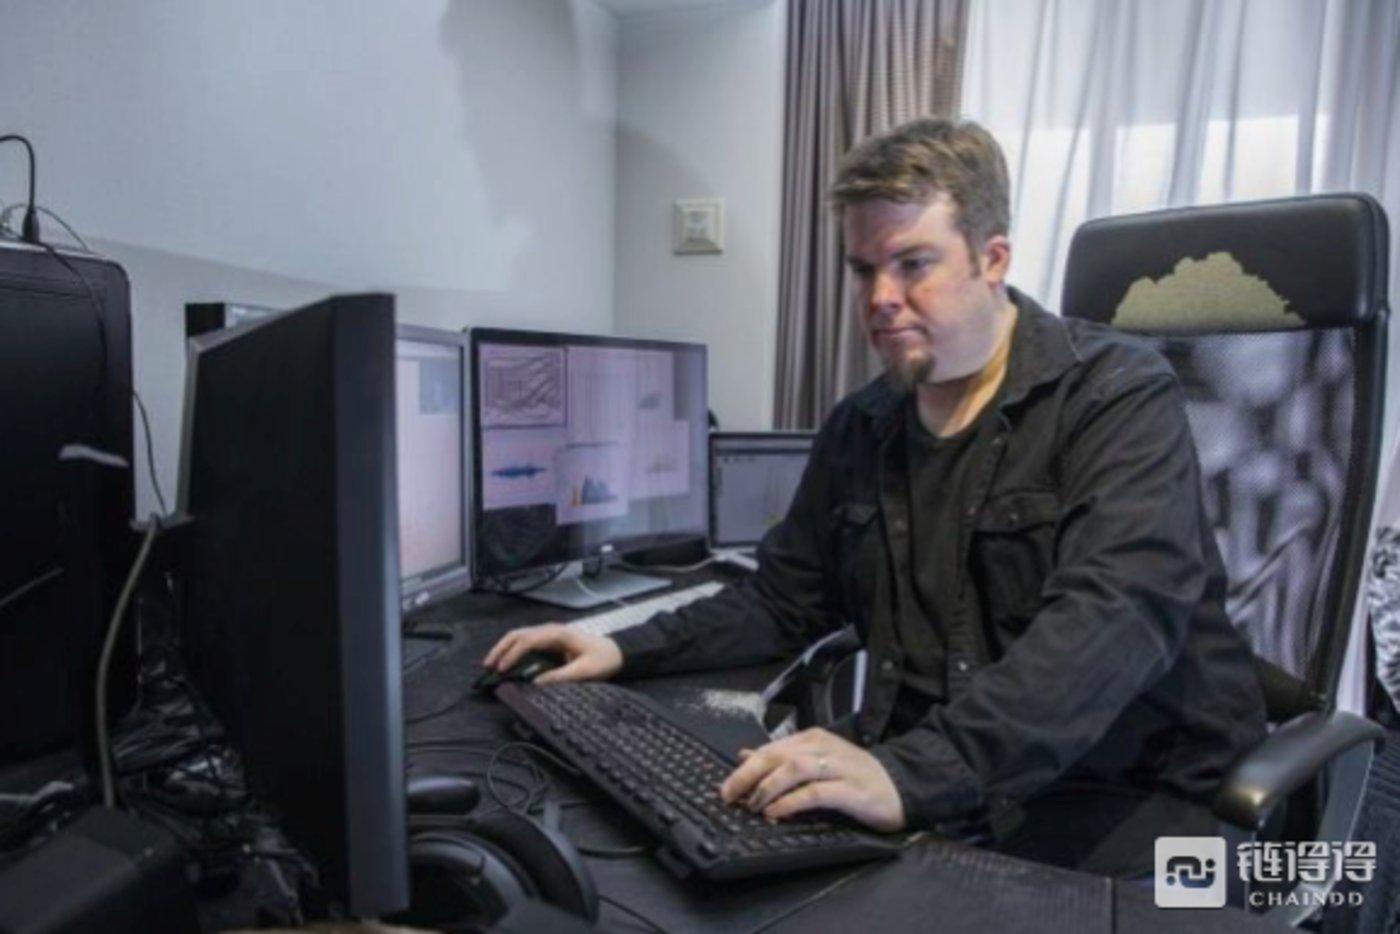 在找寻Mt. Gox失窃案的真相期间,吉姆·尼尔森只能进行最基本的操作